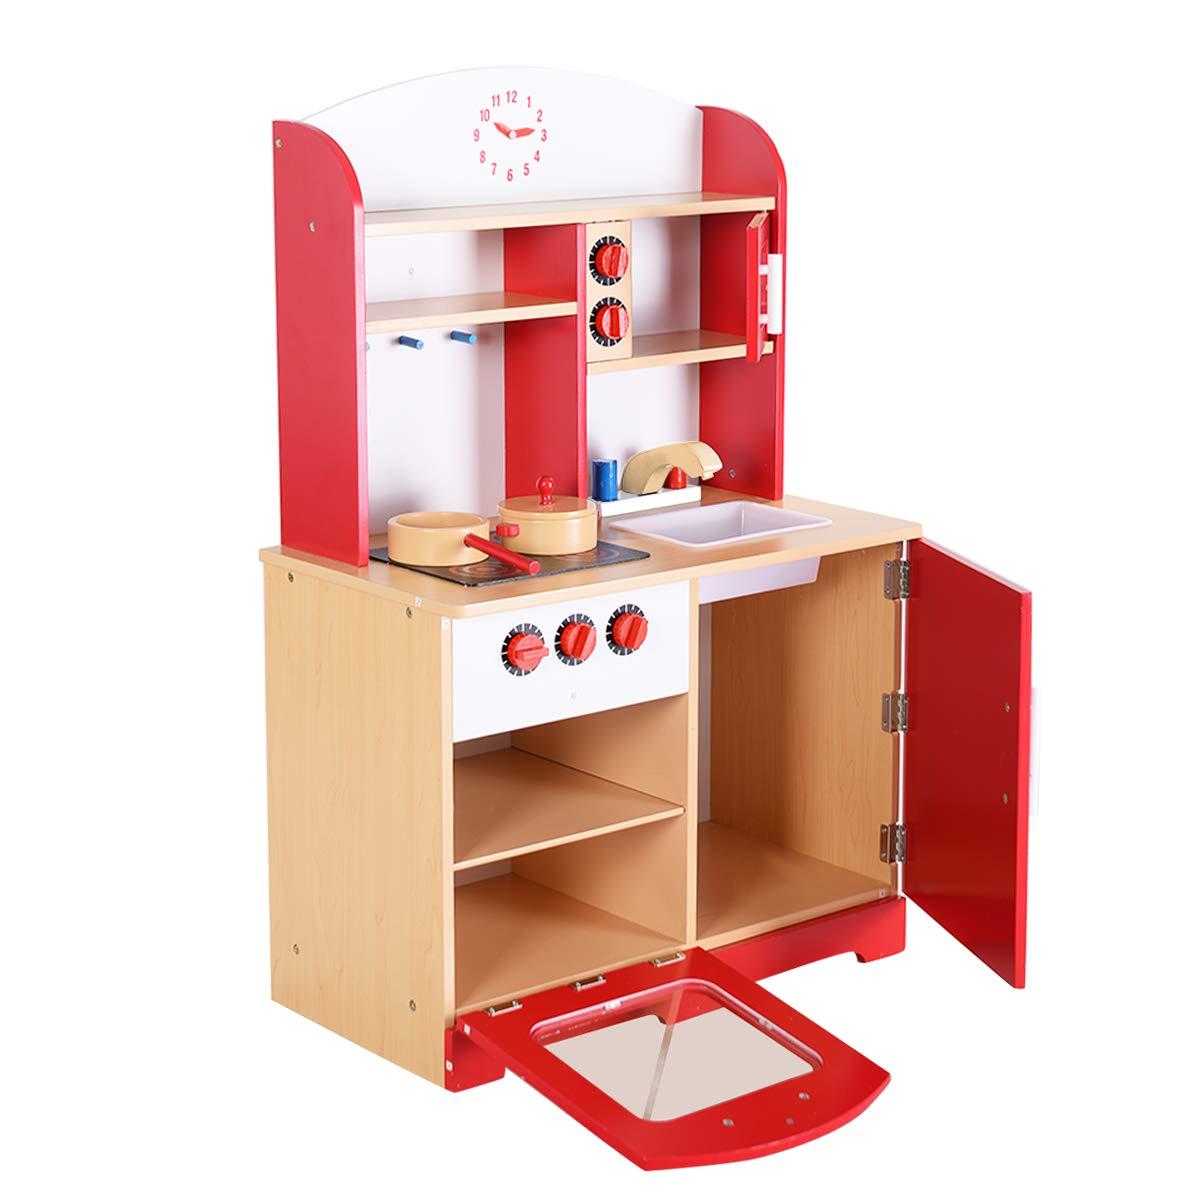 Blitzzauber24, Cucina Giocattolo in Legno per Bambini, Rosso, 61 x 33 x 93CM